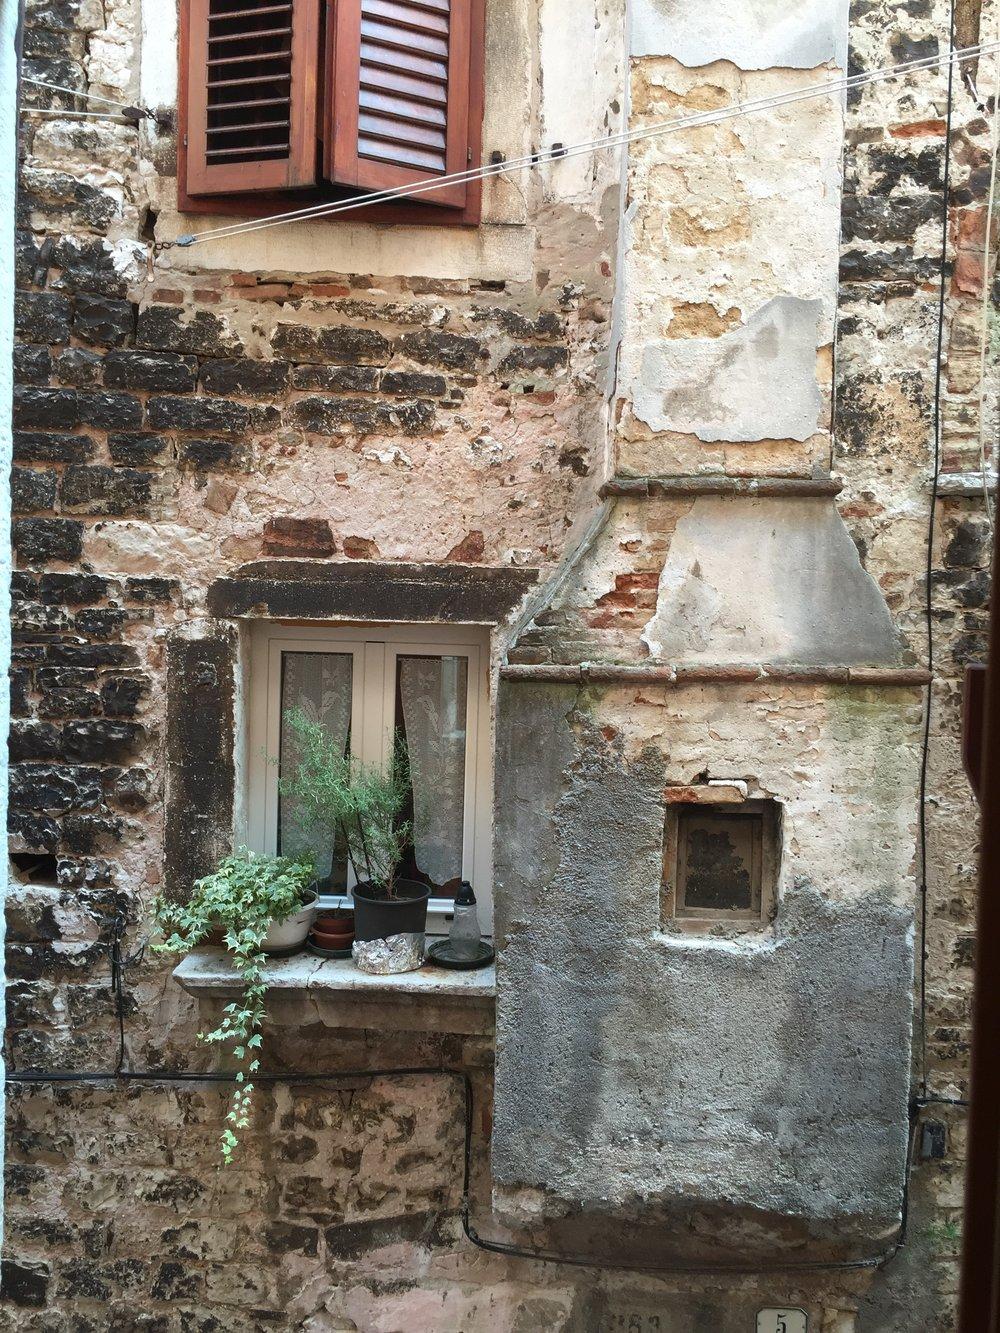 Old Building in Rovinj, Croatia |  Traveling Newbies